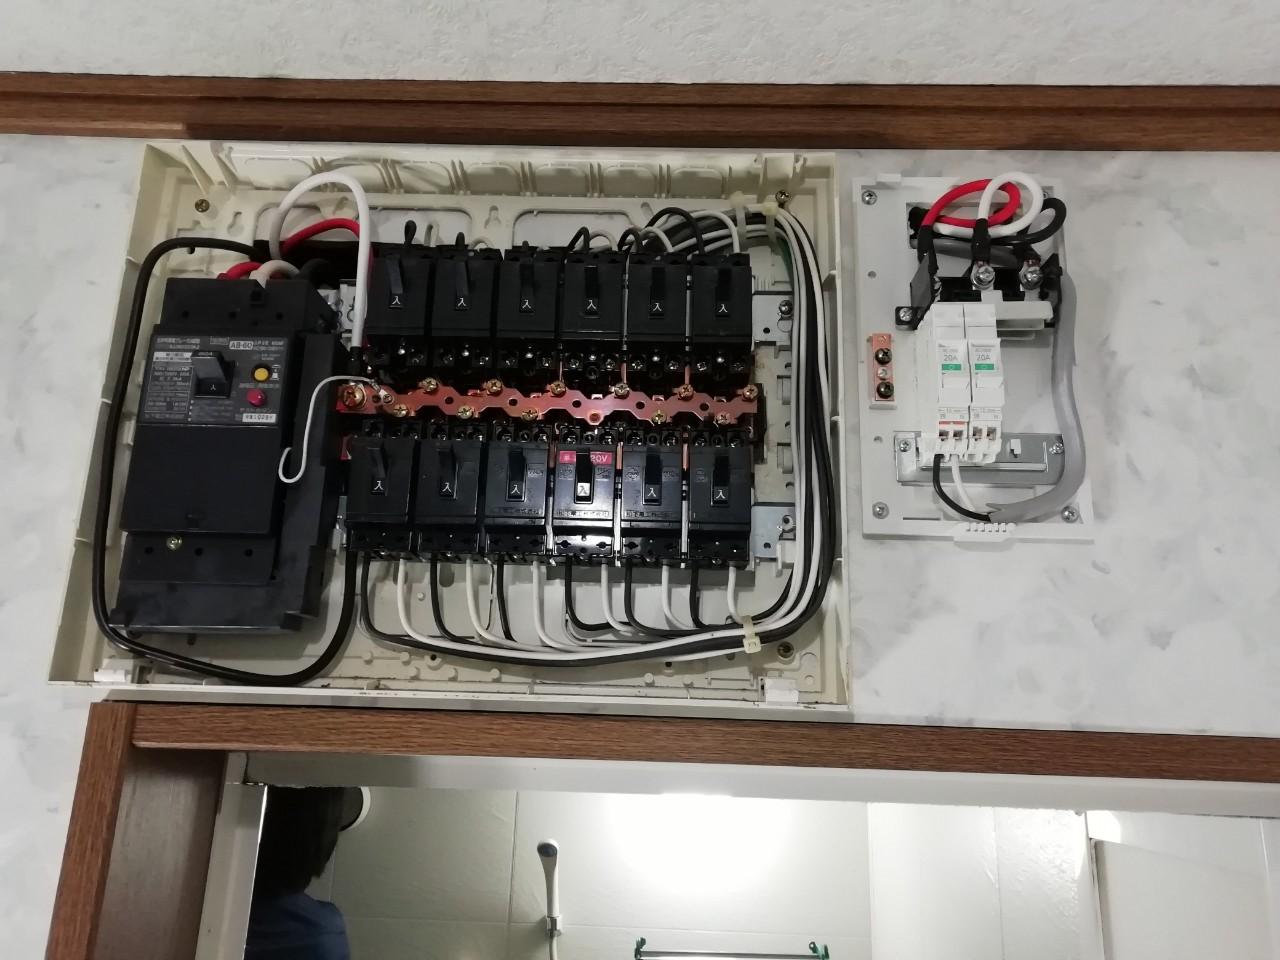 浴室暖房乾燥機の交換工事(パナソニック FY-13UG5V)【京都市北区上賀茂】